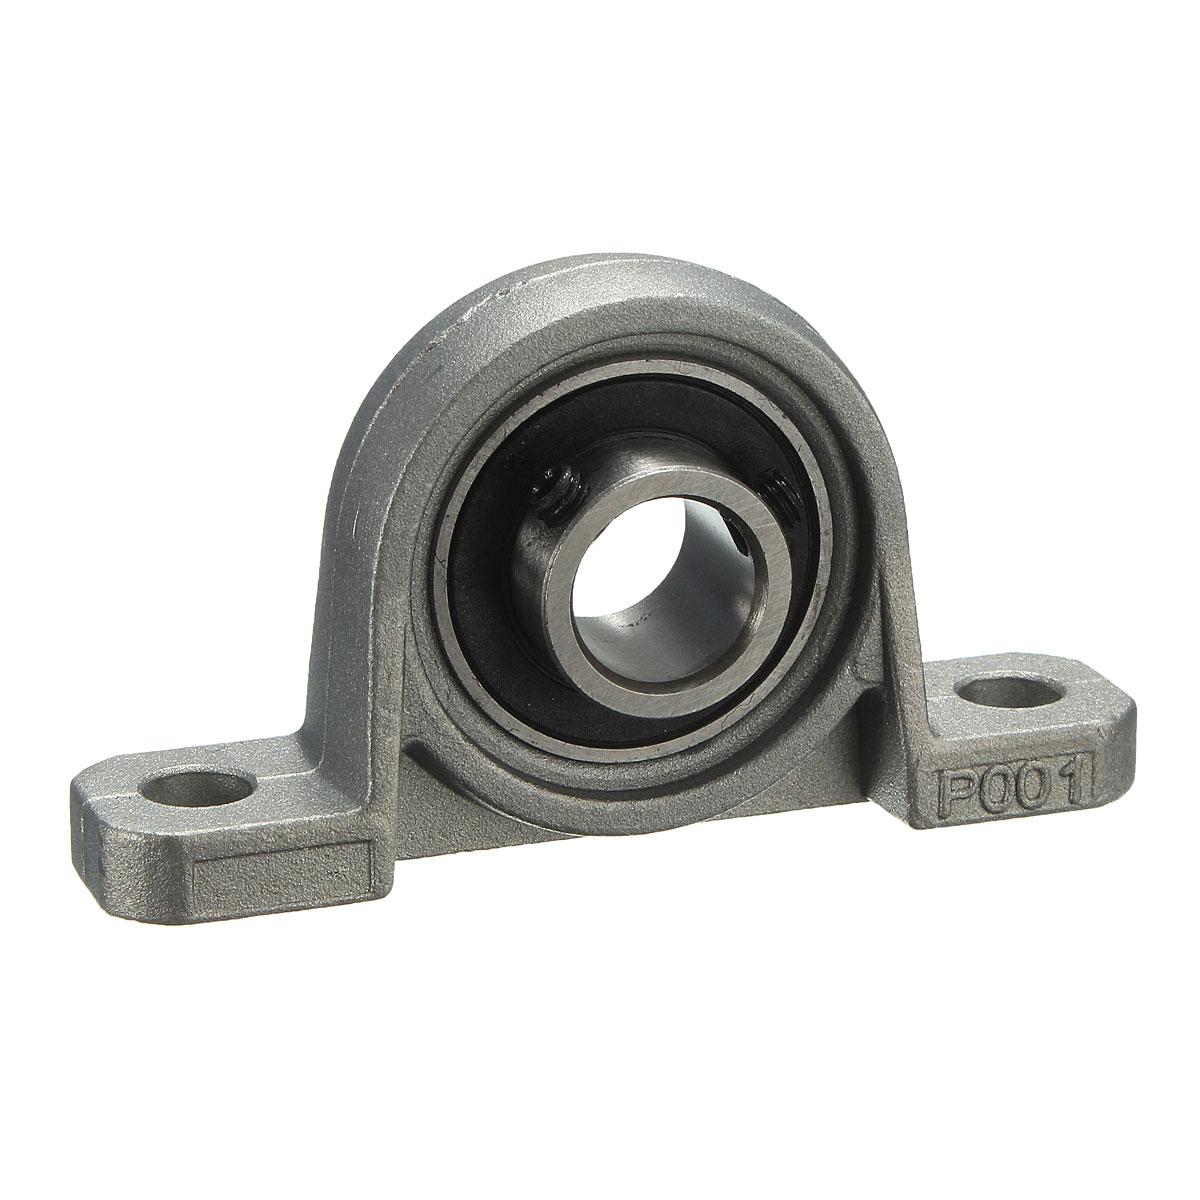 12mm metal palier roulement bille bloc deux boulon al sage zinc alliage kp001 ebay - Roulement a bille ...